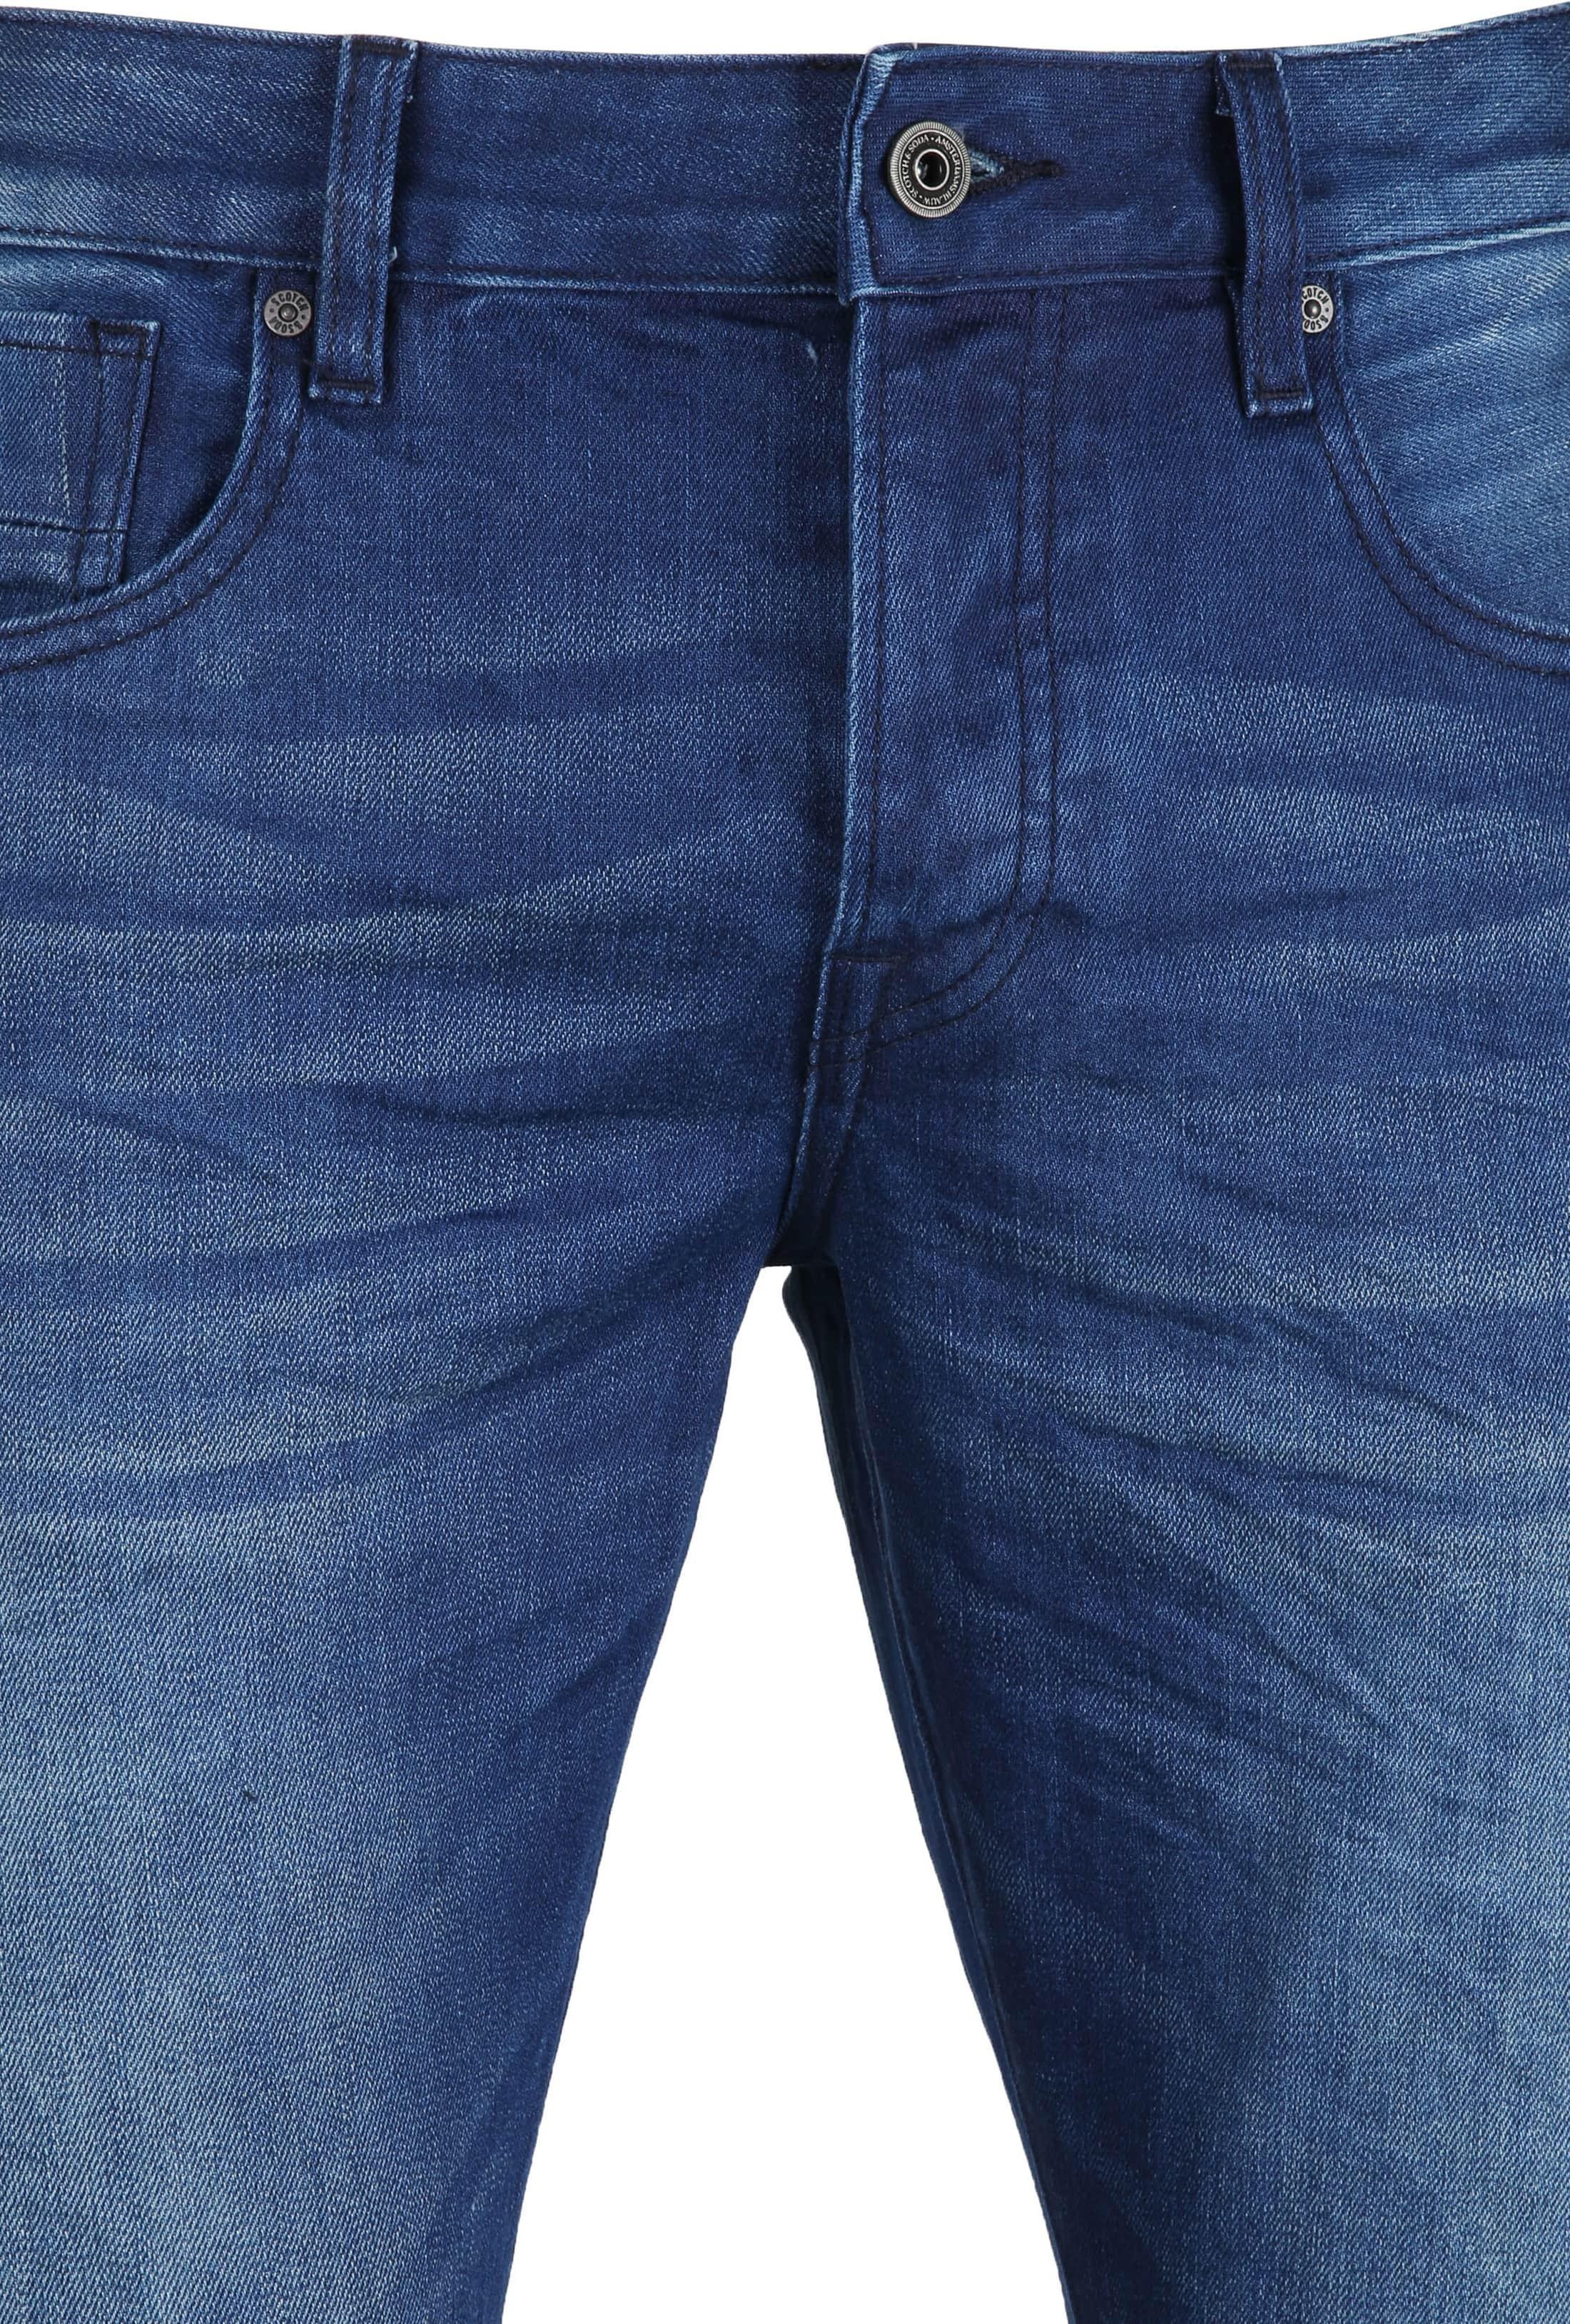 Scotch & Soda Ralston Jeans Blauw foto 1